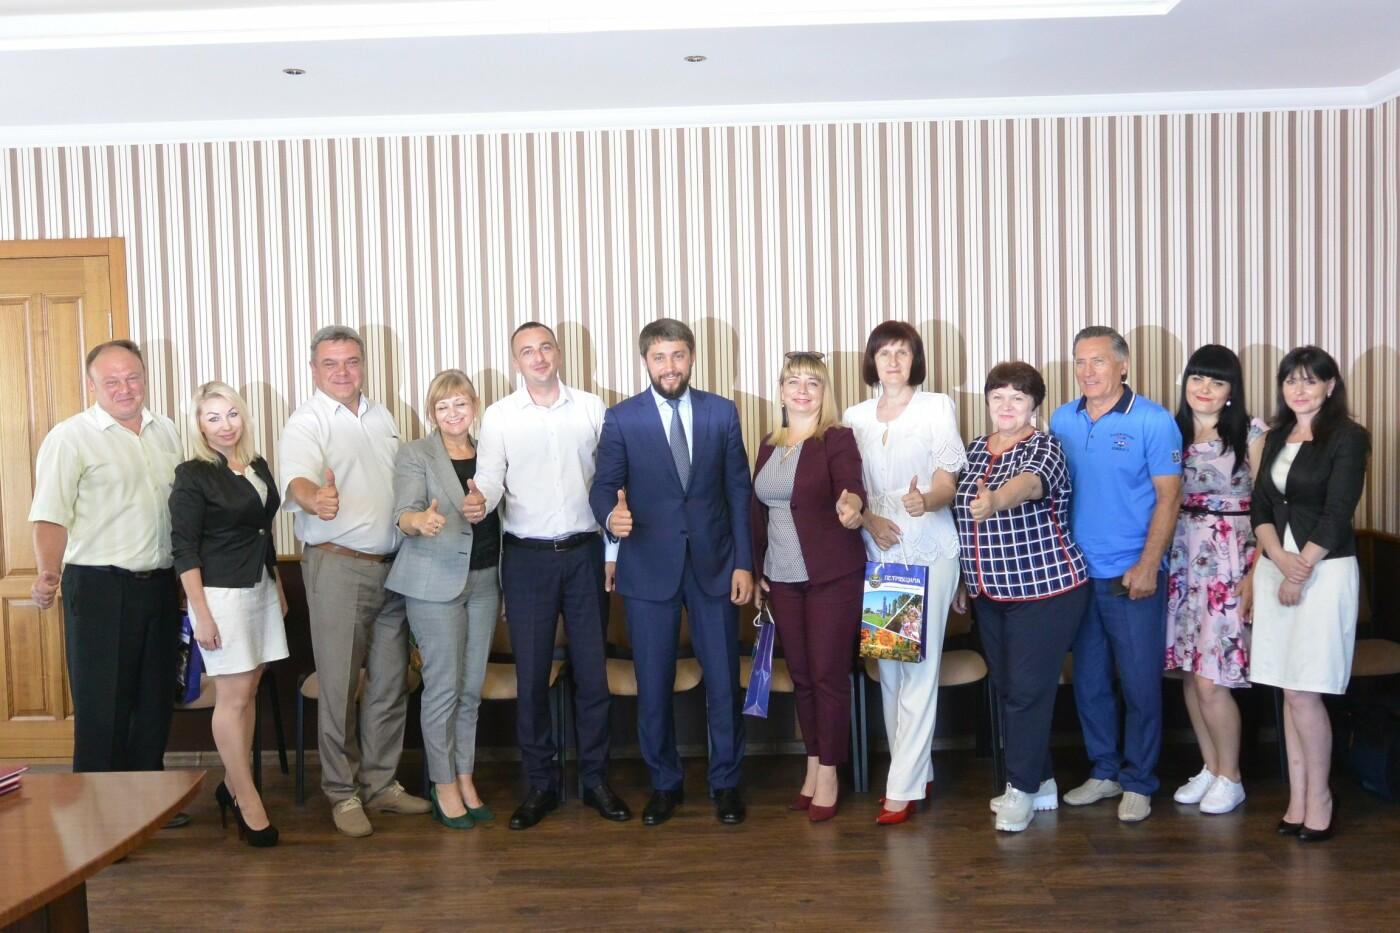 Партнерство для развития громады: ЦГОК подписал договор о сотрудничестве с властями Петровского района, фото-2